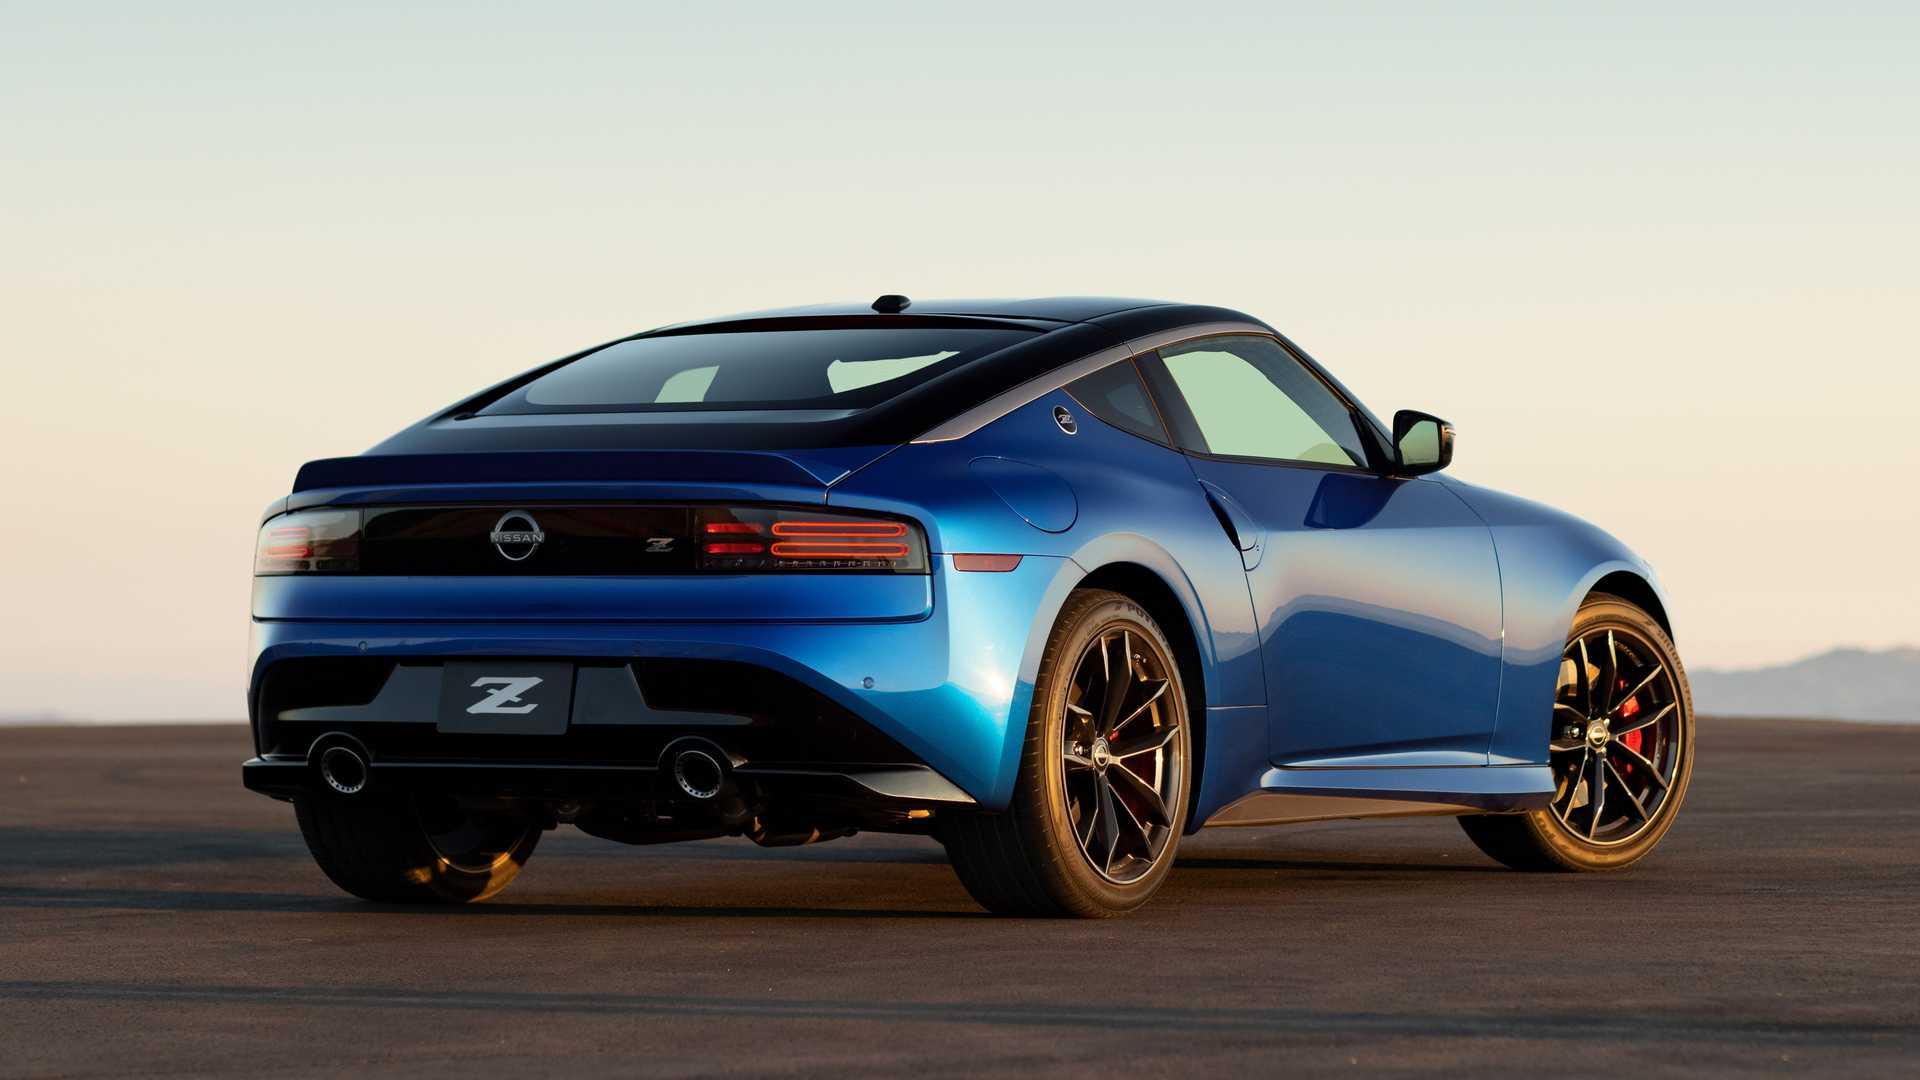 Более чем через десять лет после дебюта первого Nissan 370Z, наконец, появилась его замена. Познакомьтесь с Nissan Z – долгожданный спорткар дебютировал сегодня в Нью-Йорке с V6 с двойным турбонаддувом и дизайном, почти идентичным концепции Z Proto, которую мы видели меньше года назад. Цены пока не объявлены.